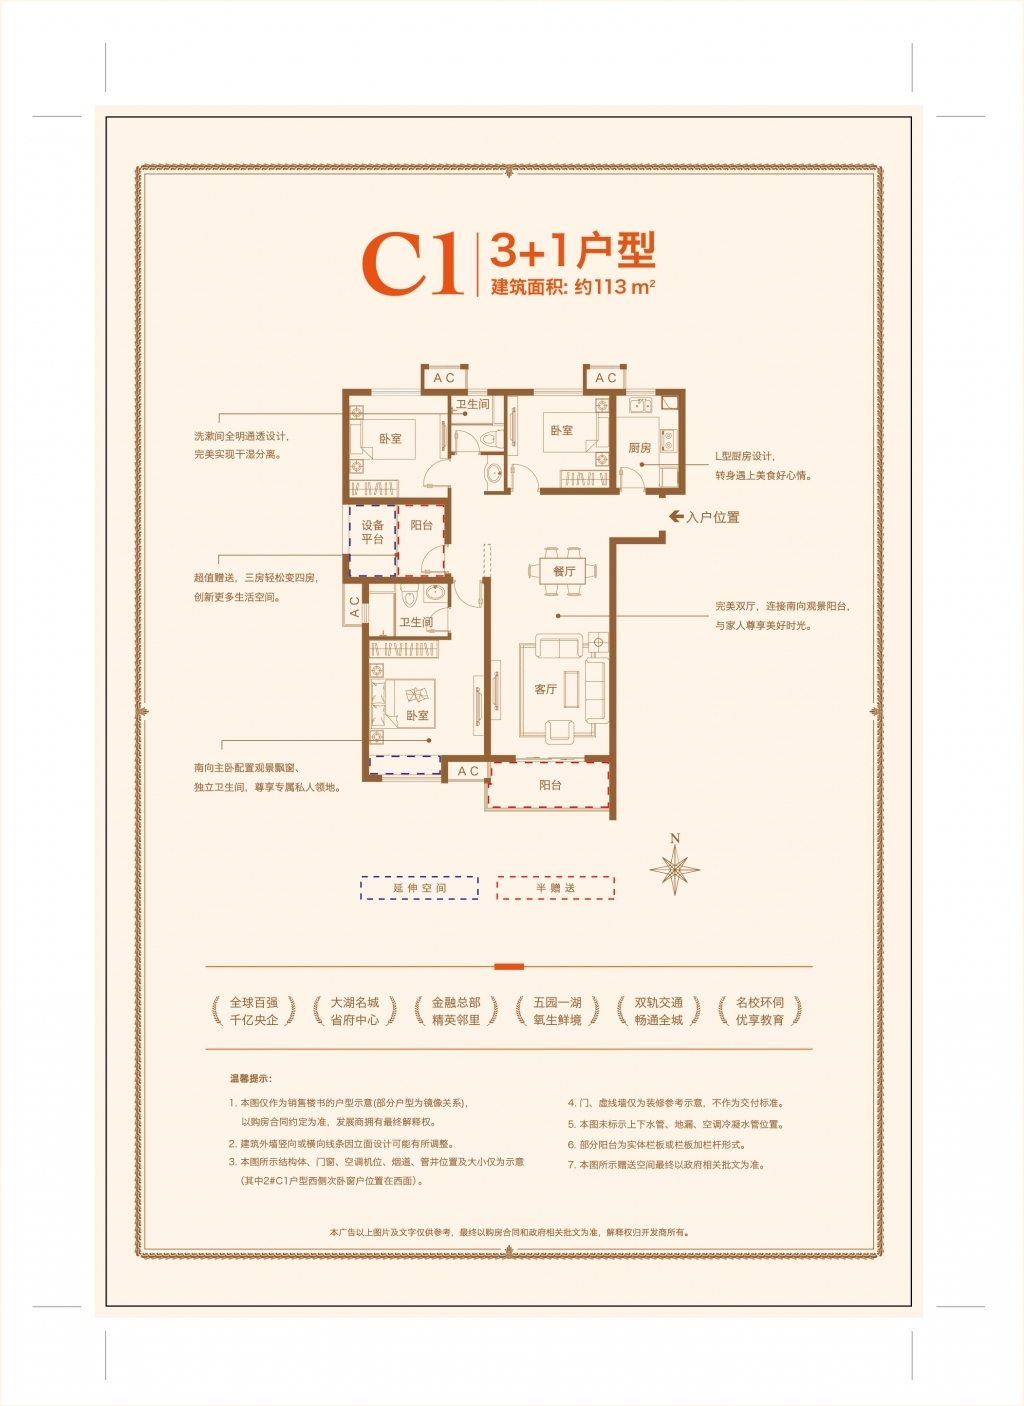 中海滨湖公馆高层C1